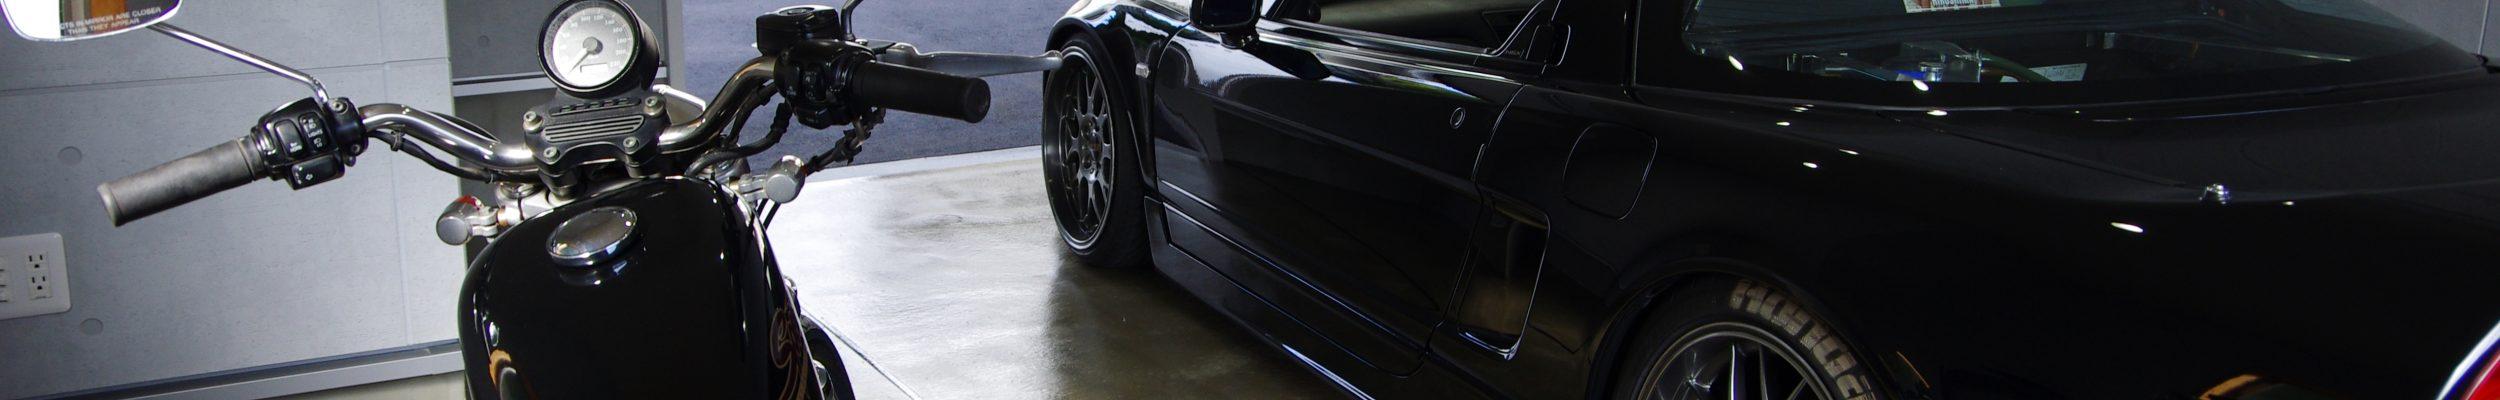 ガレージのある暮らし